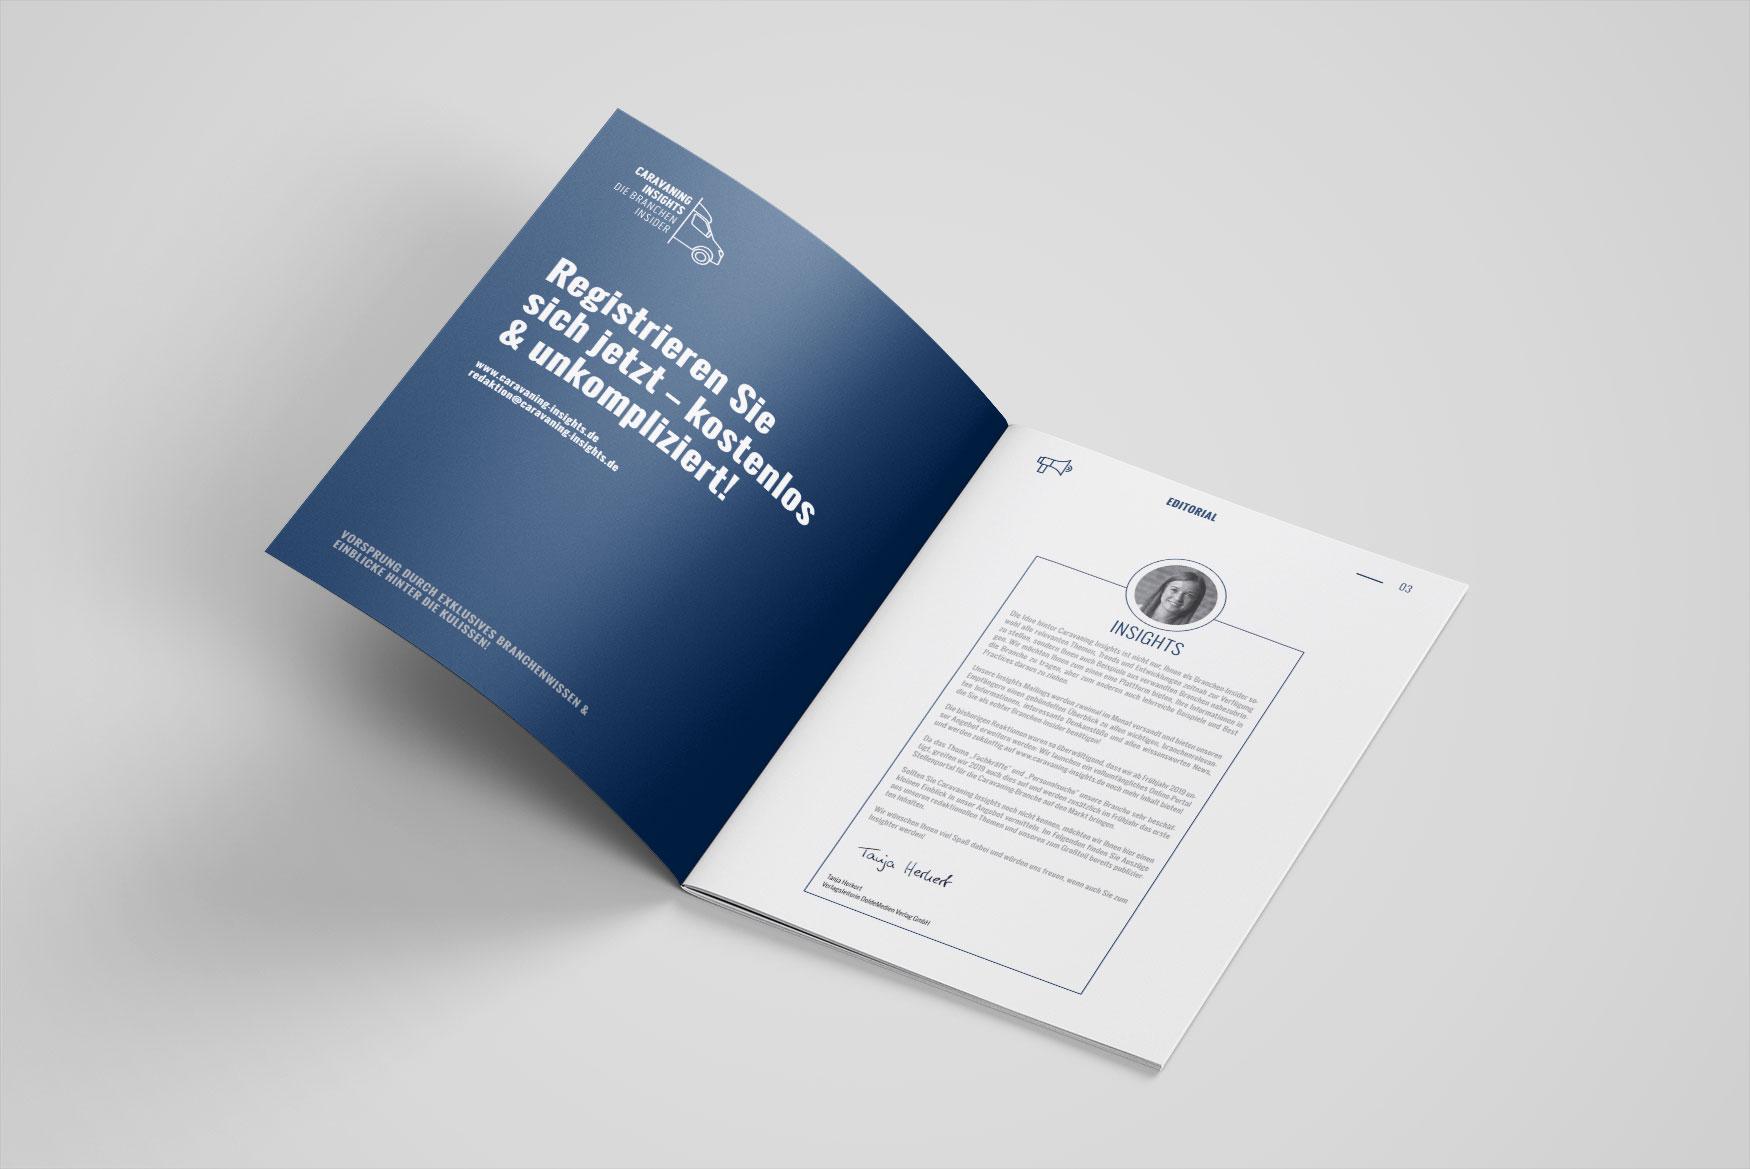 Editorial-Design-Broschuere-Caravaning-1-Designagentur-Stuttgart-Kreativbetrieb